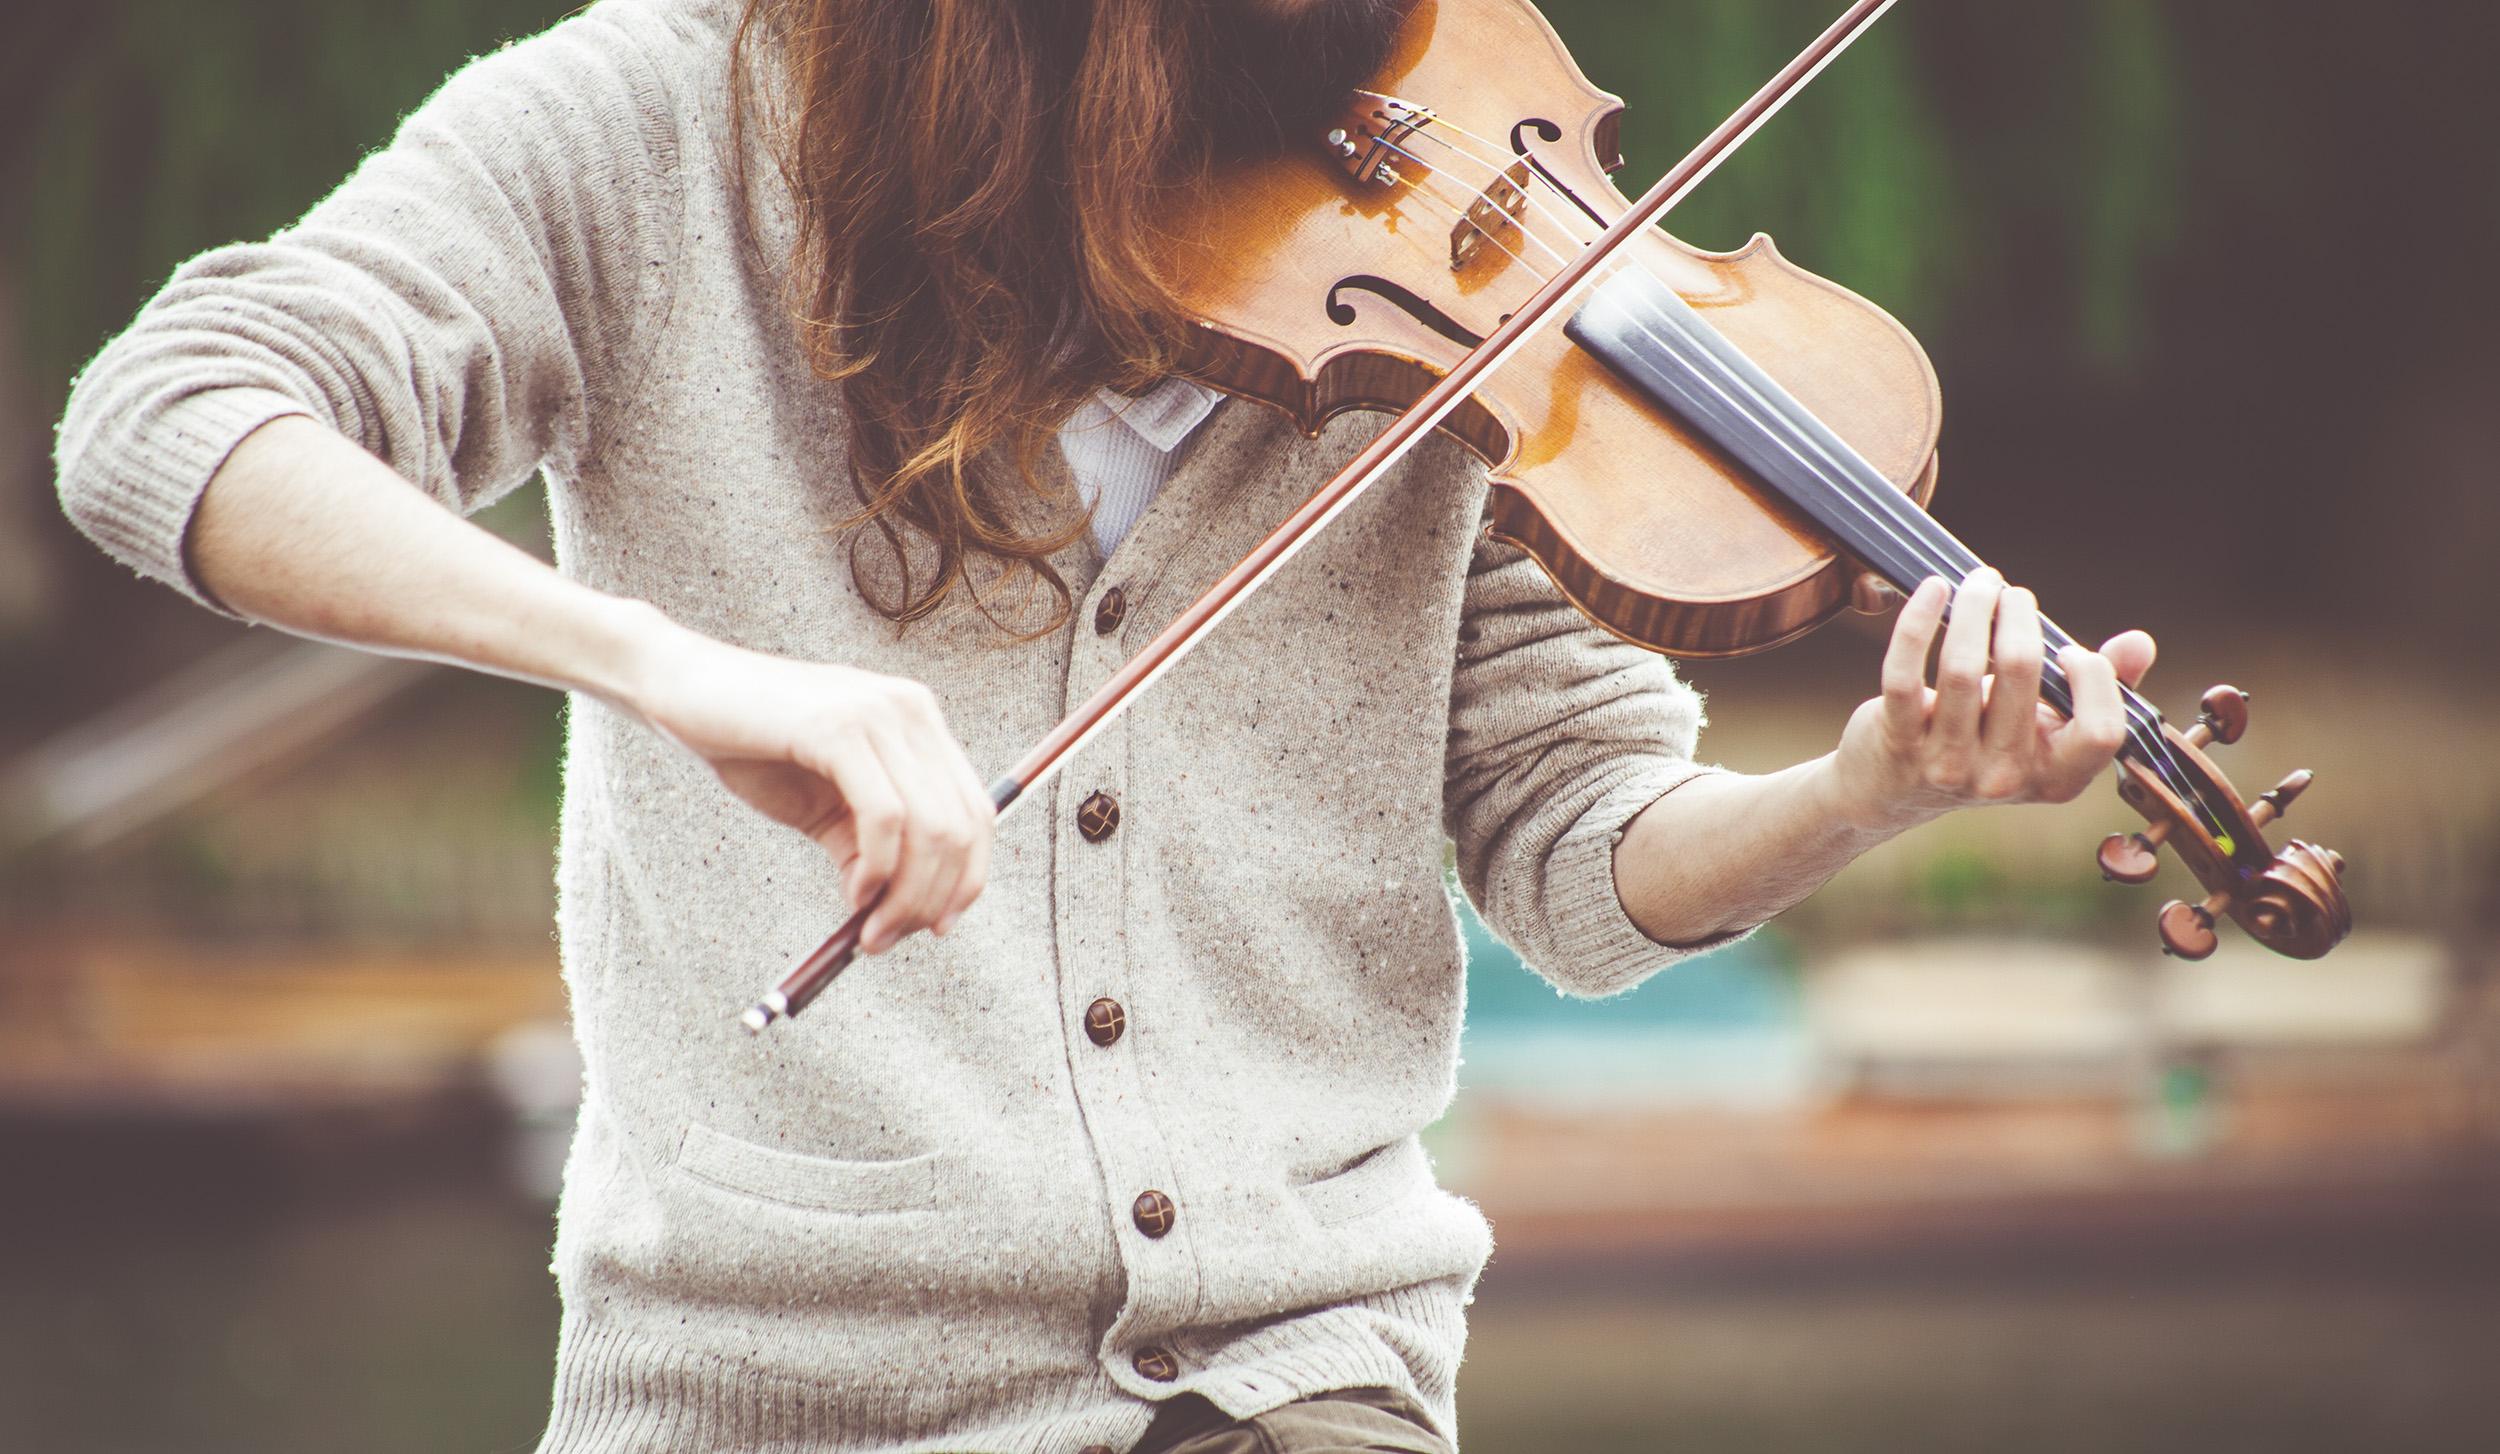 音樂人工智慧的研究範疇,除了理解音樂天才如何聽音樂以外,還有音樂演奏家如何「詮釋」音樂。圖│Clem Onojeghuo